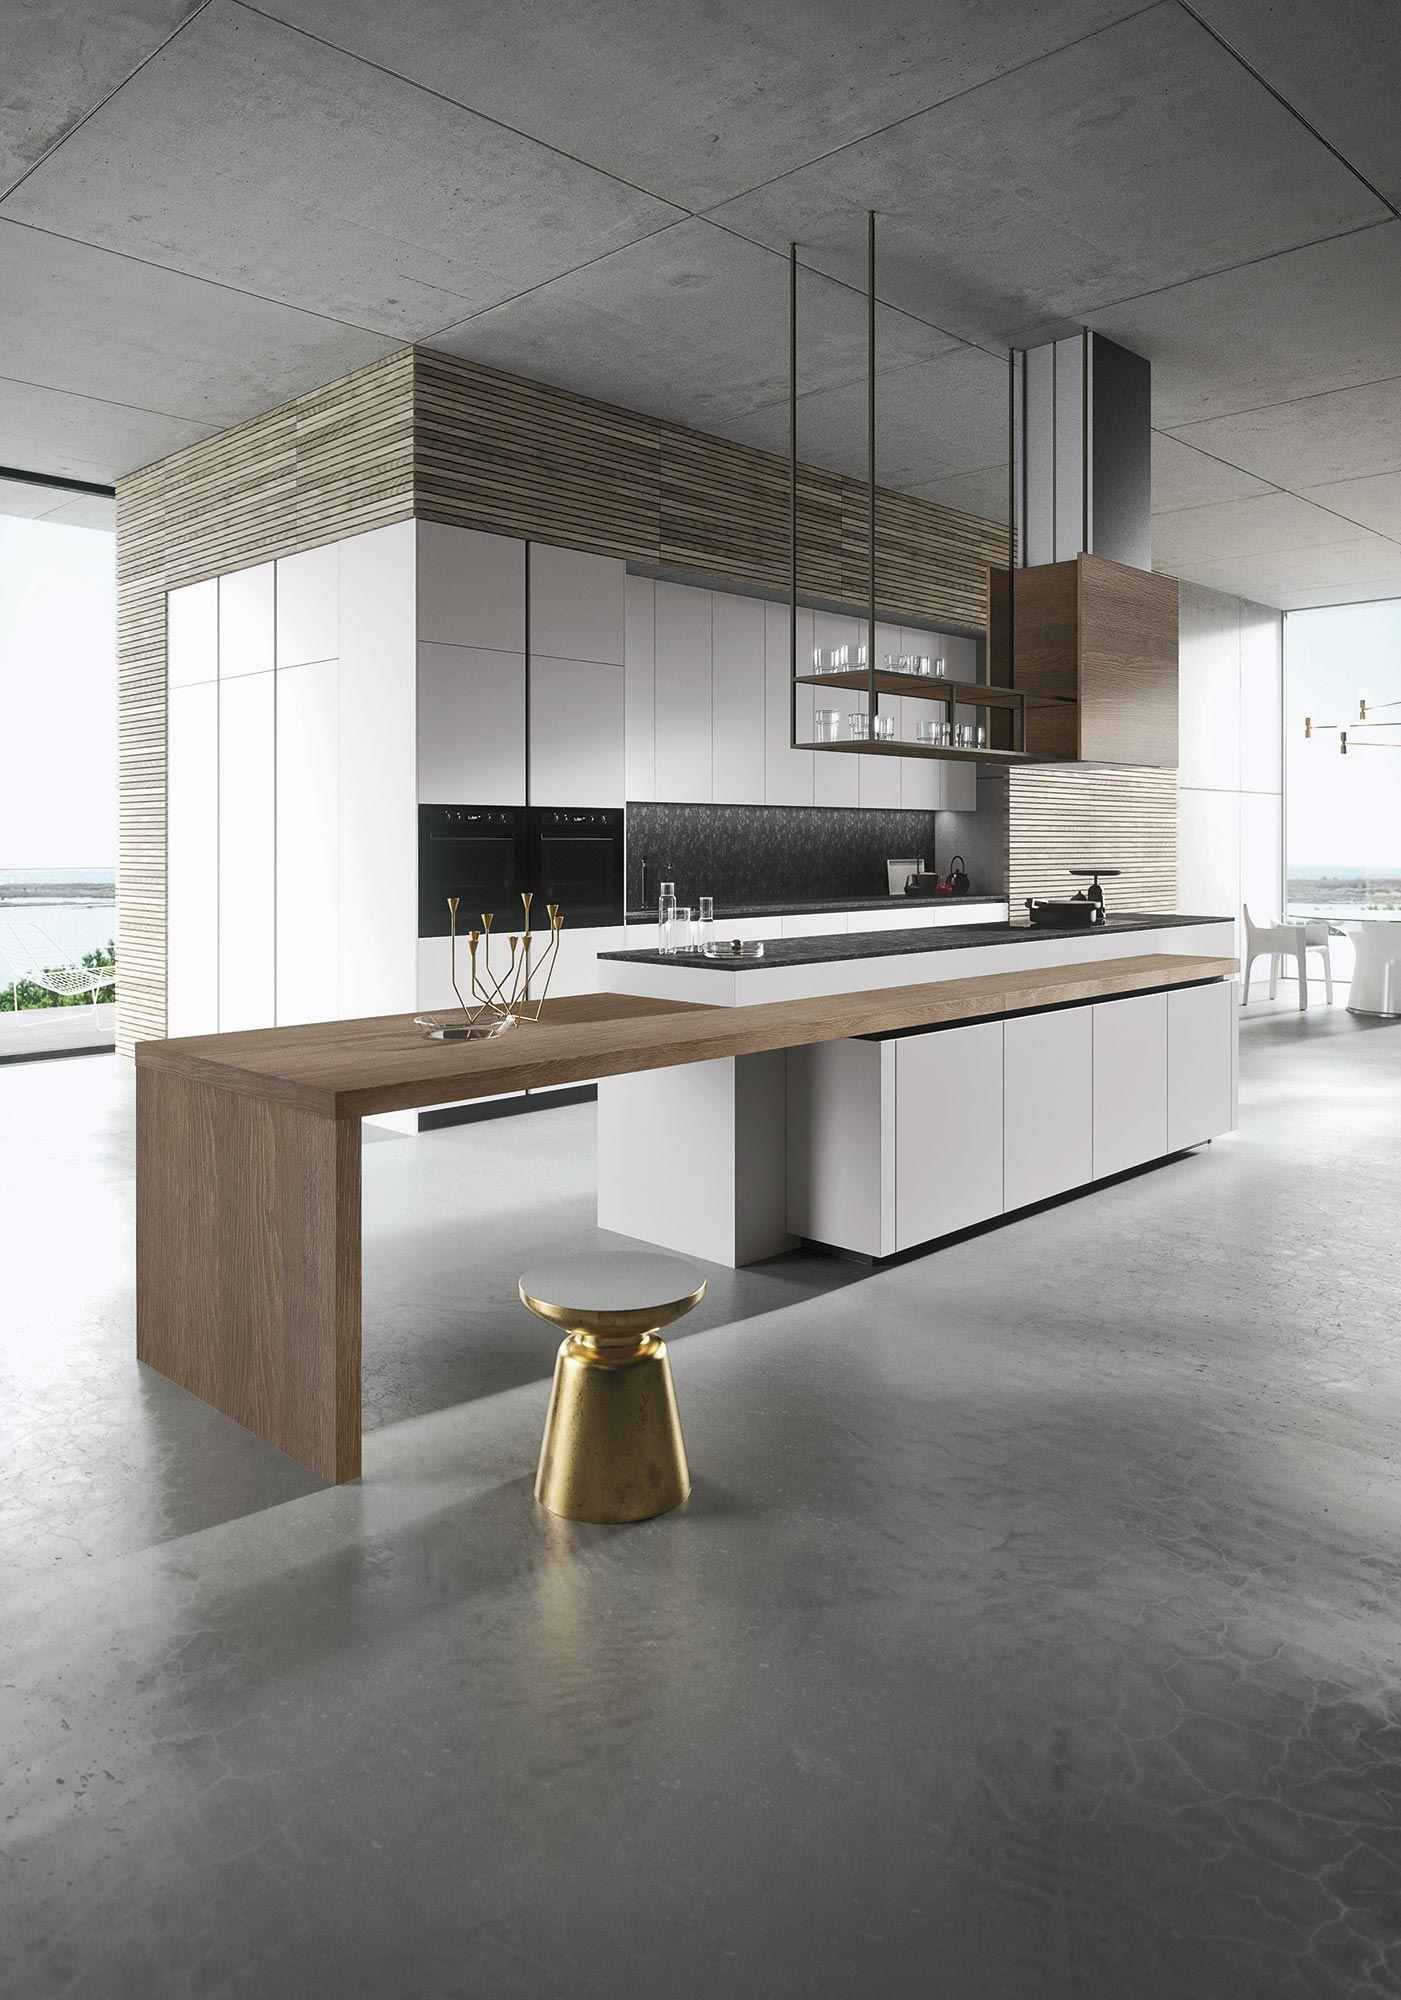 cucina moderna Look | Cucina | Pinterest | Cocina moderna, Moderno y ...